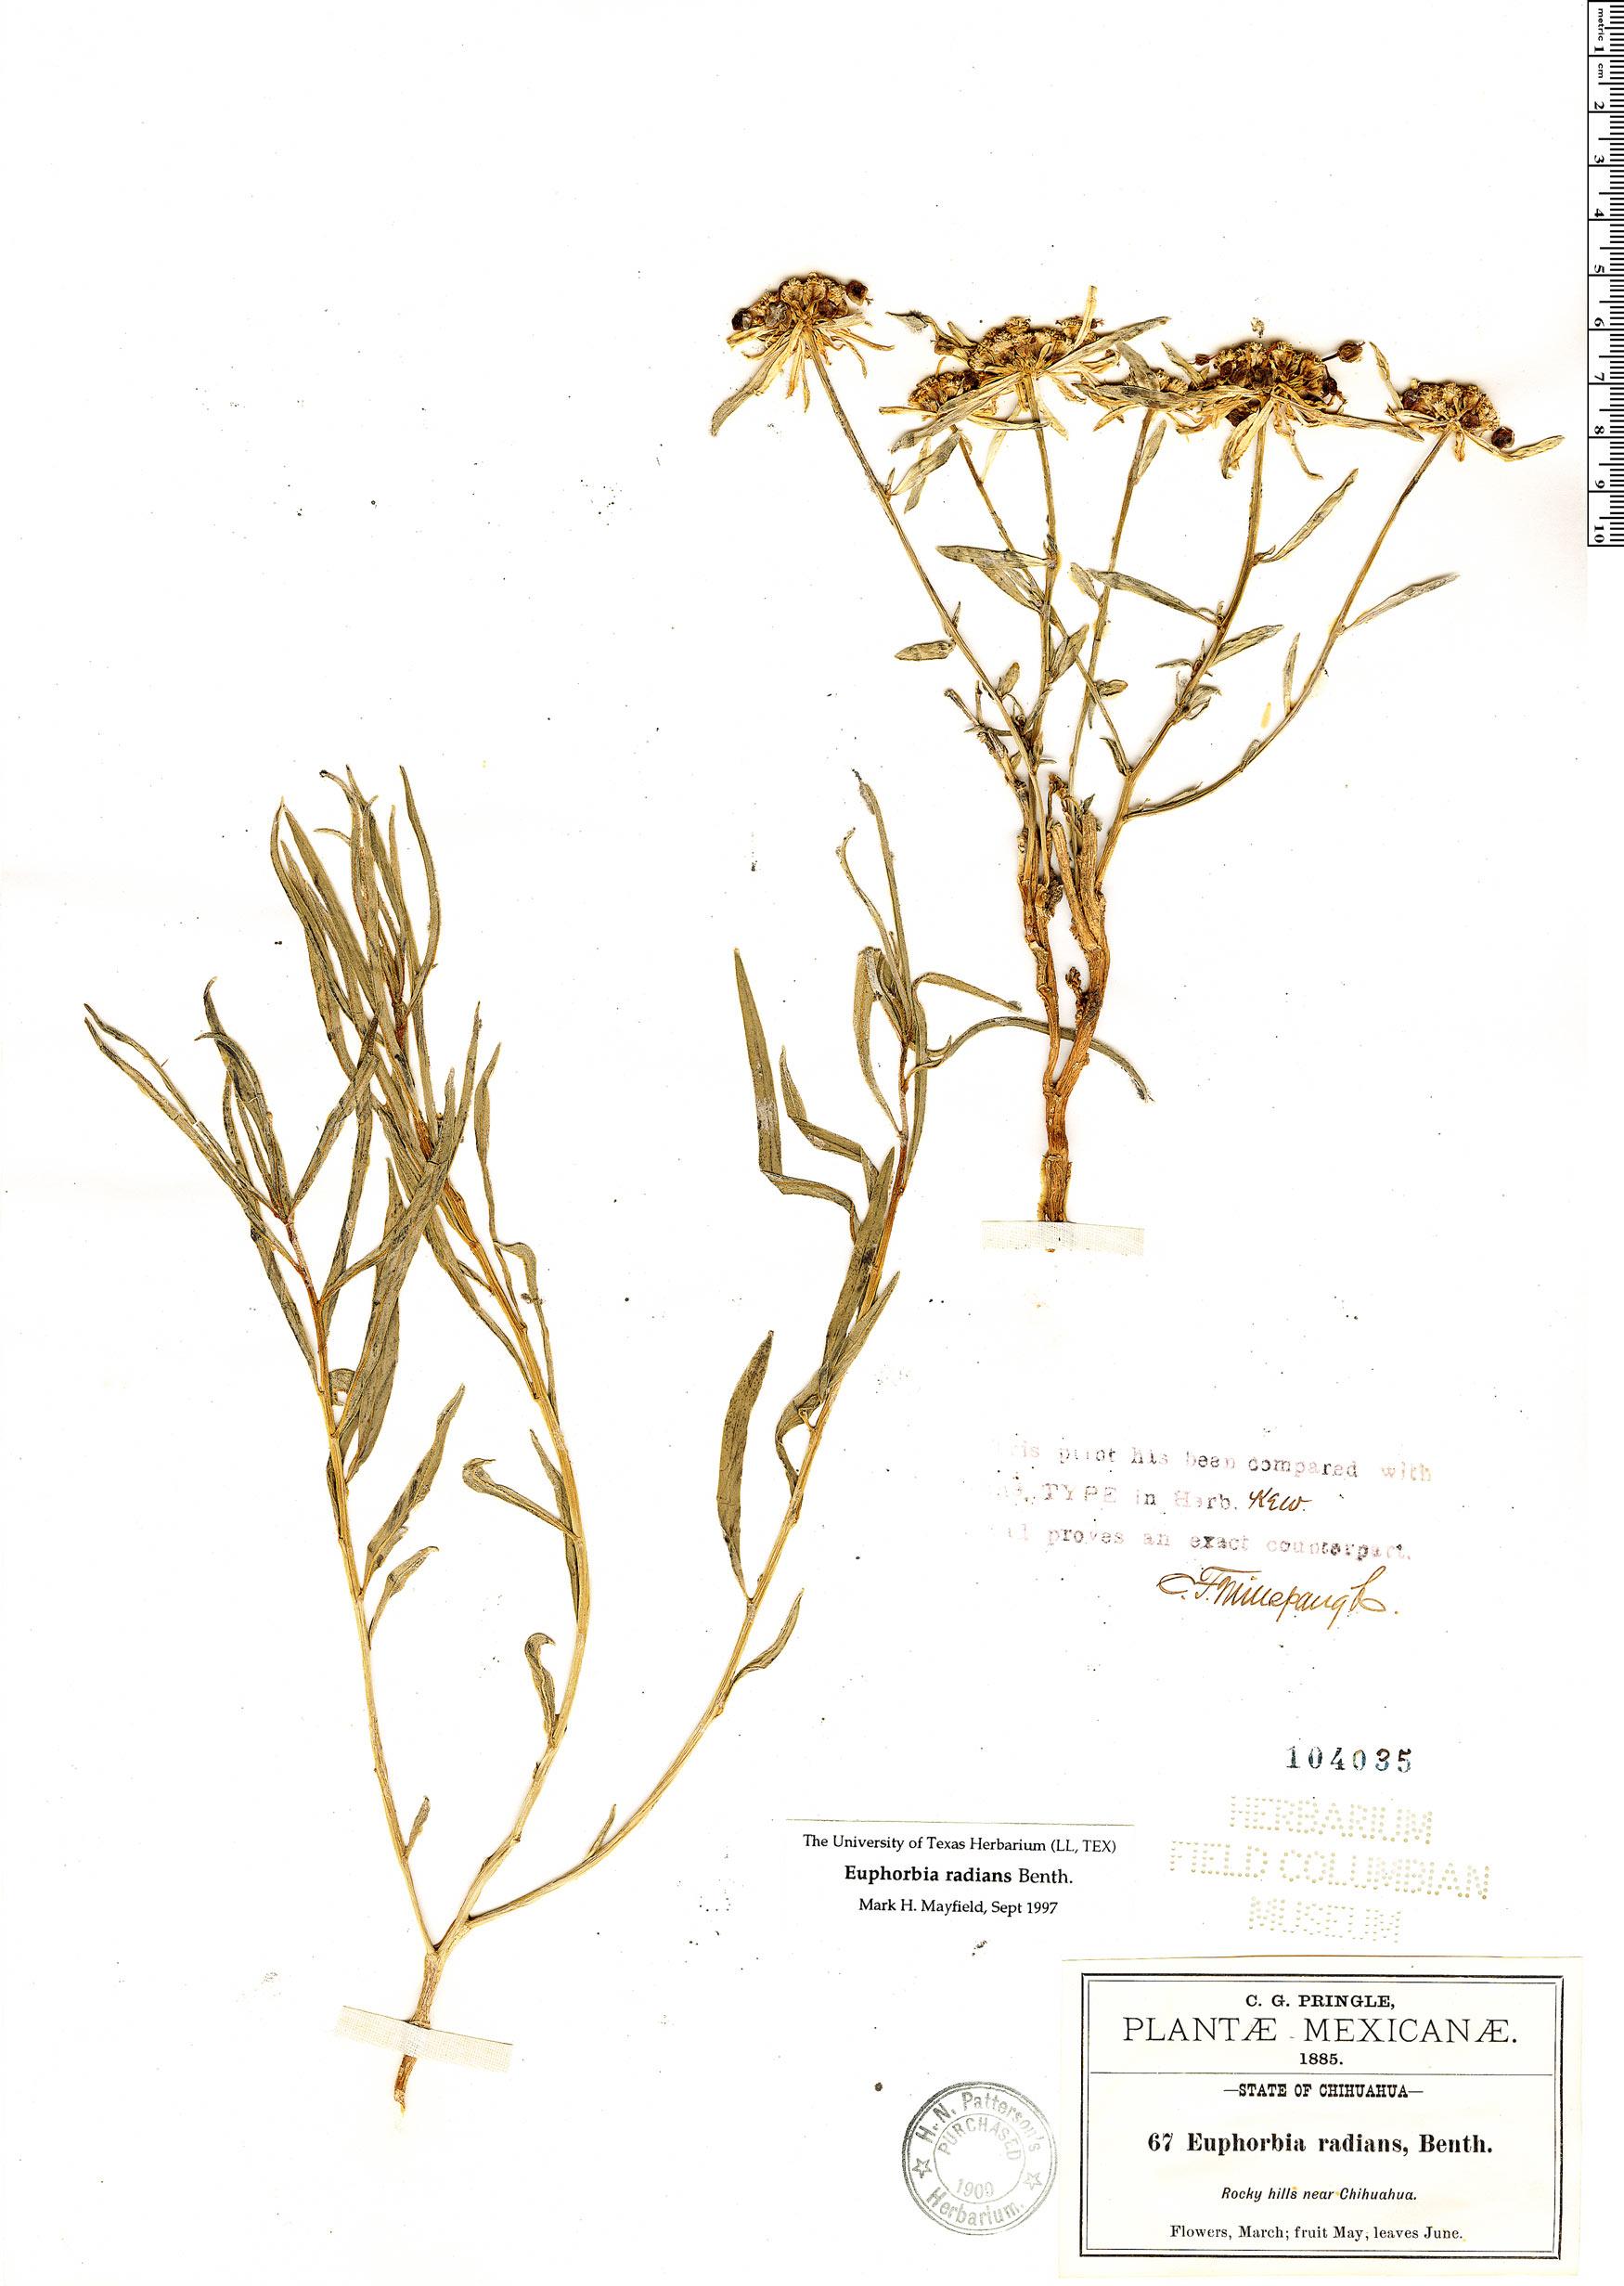 Specimen: Euphorbia radians